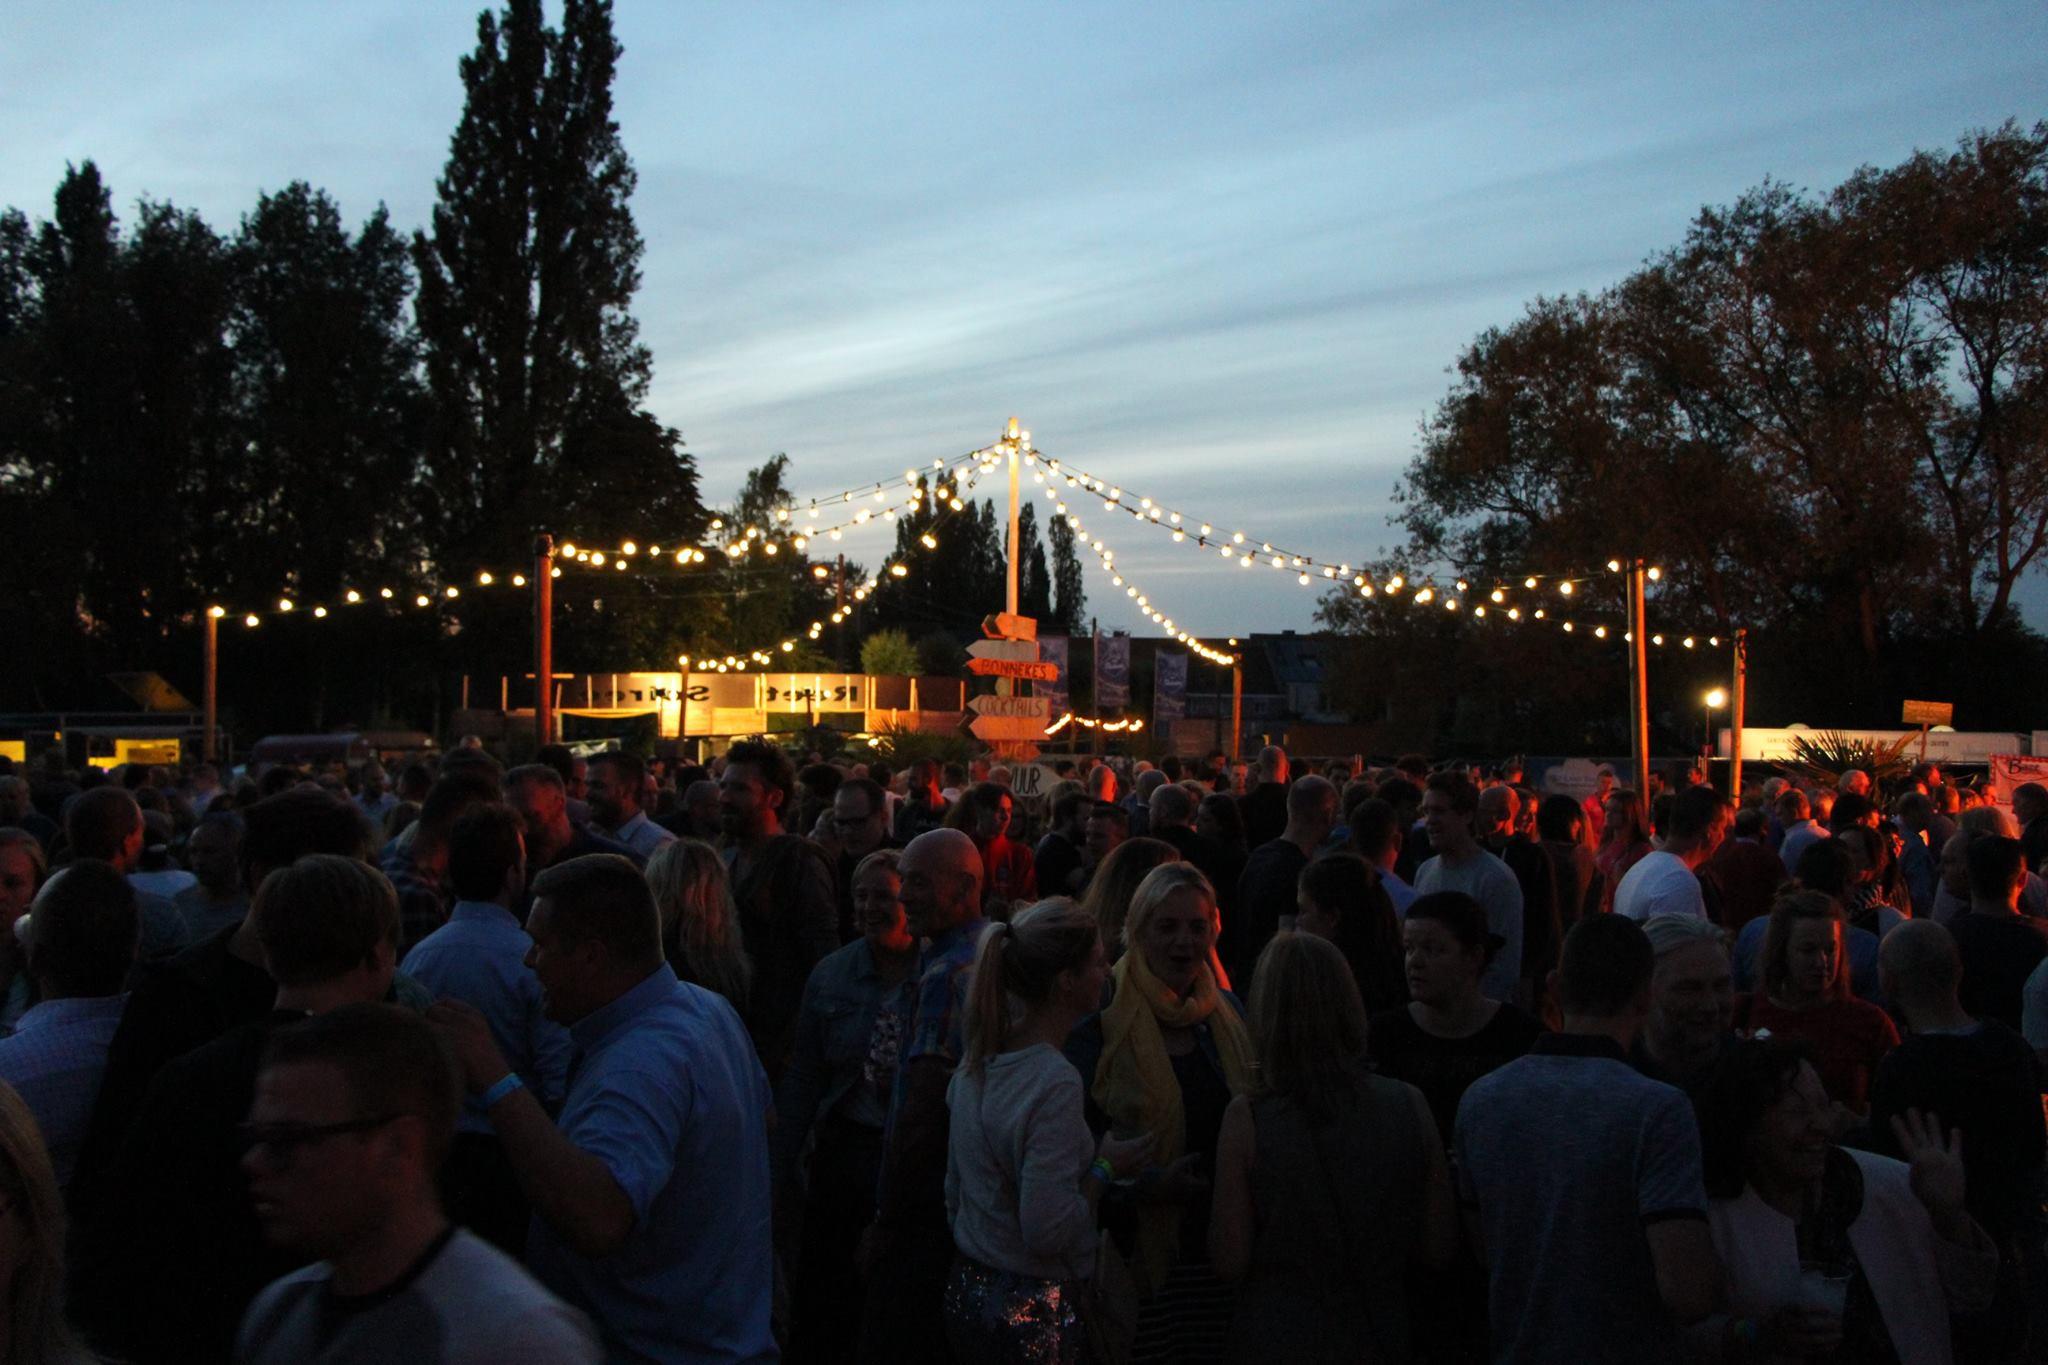 lichtslinger-feestslinger-guirlande-prikkabel-huren-verhuur